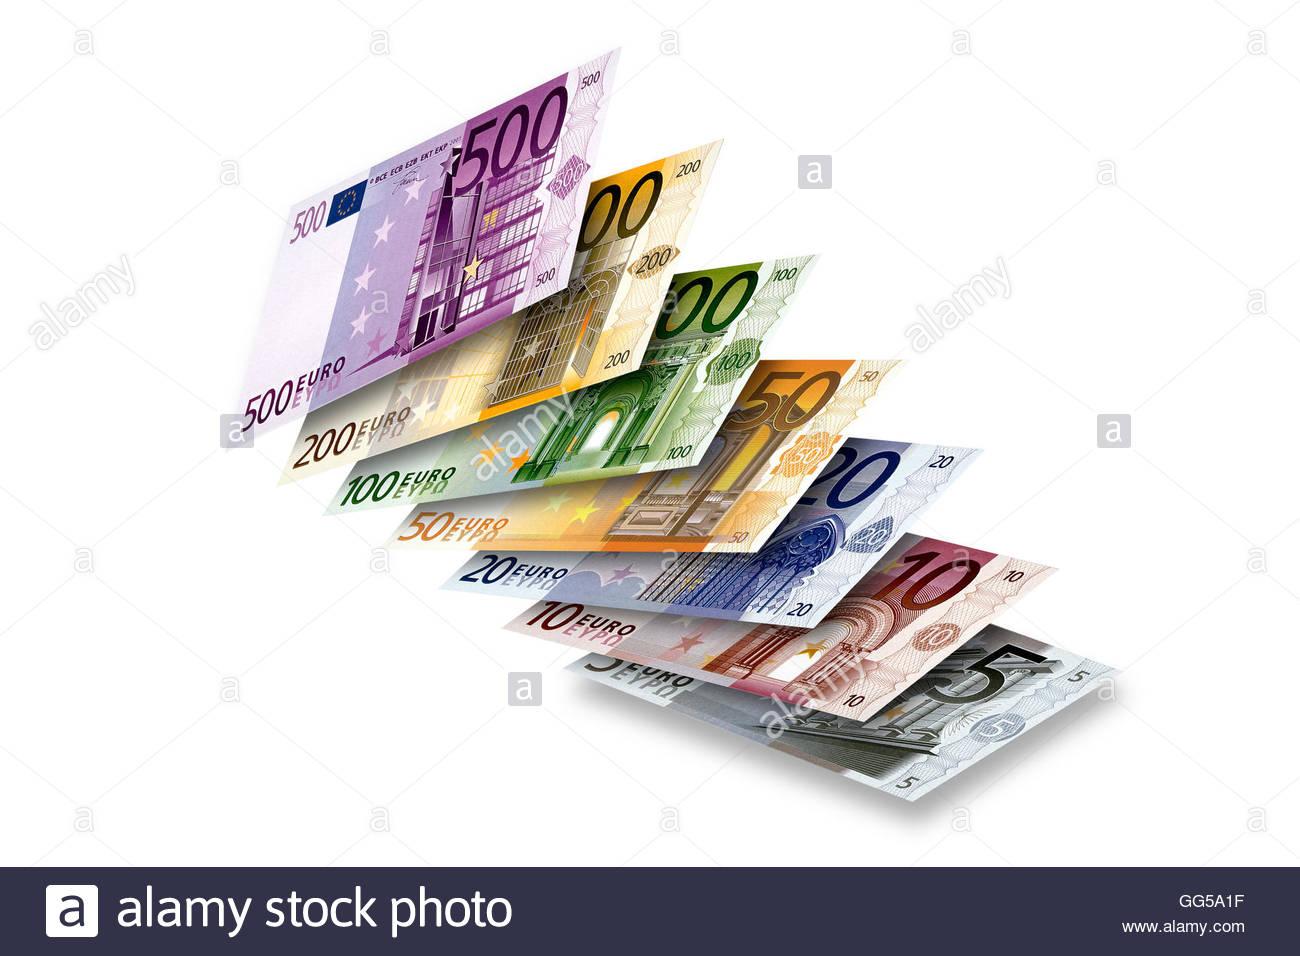 Foto von 5 bis 500 Euro-Banknoten Kaskadierung nach oben von der Oberfläche. Stockbild